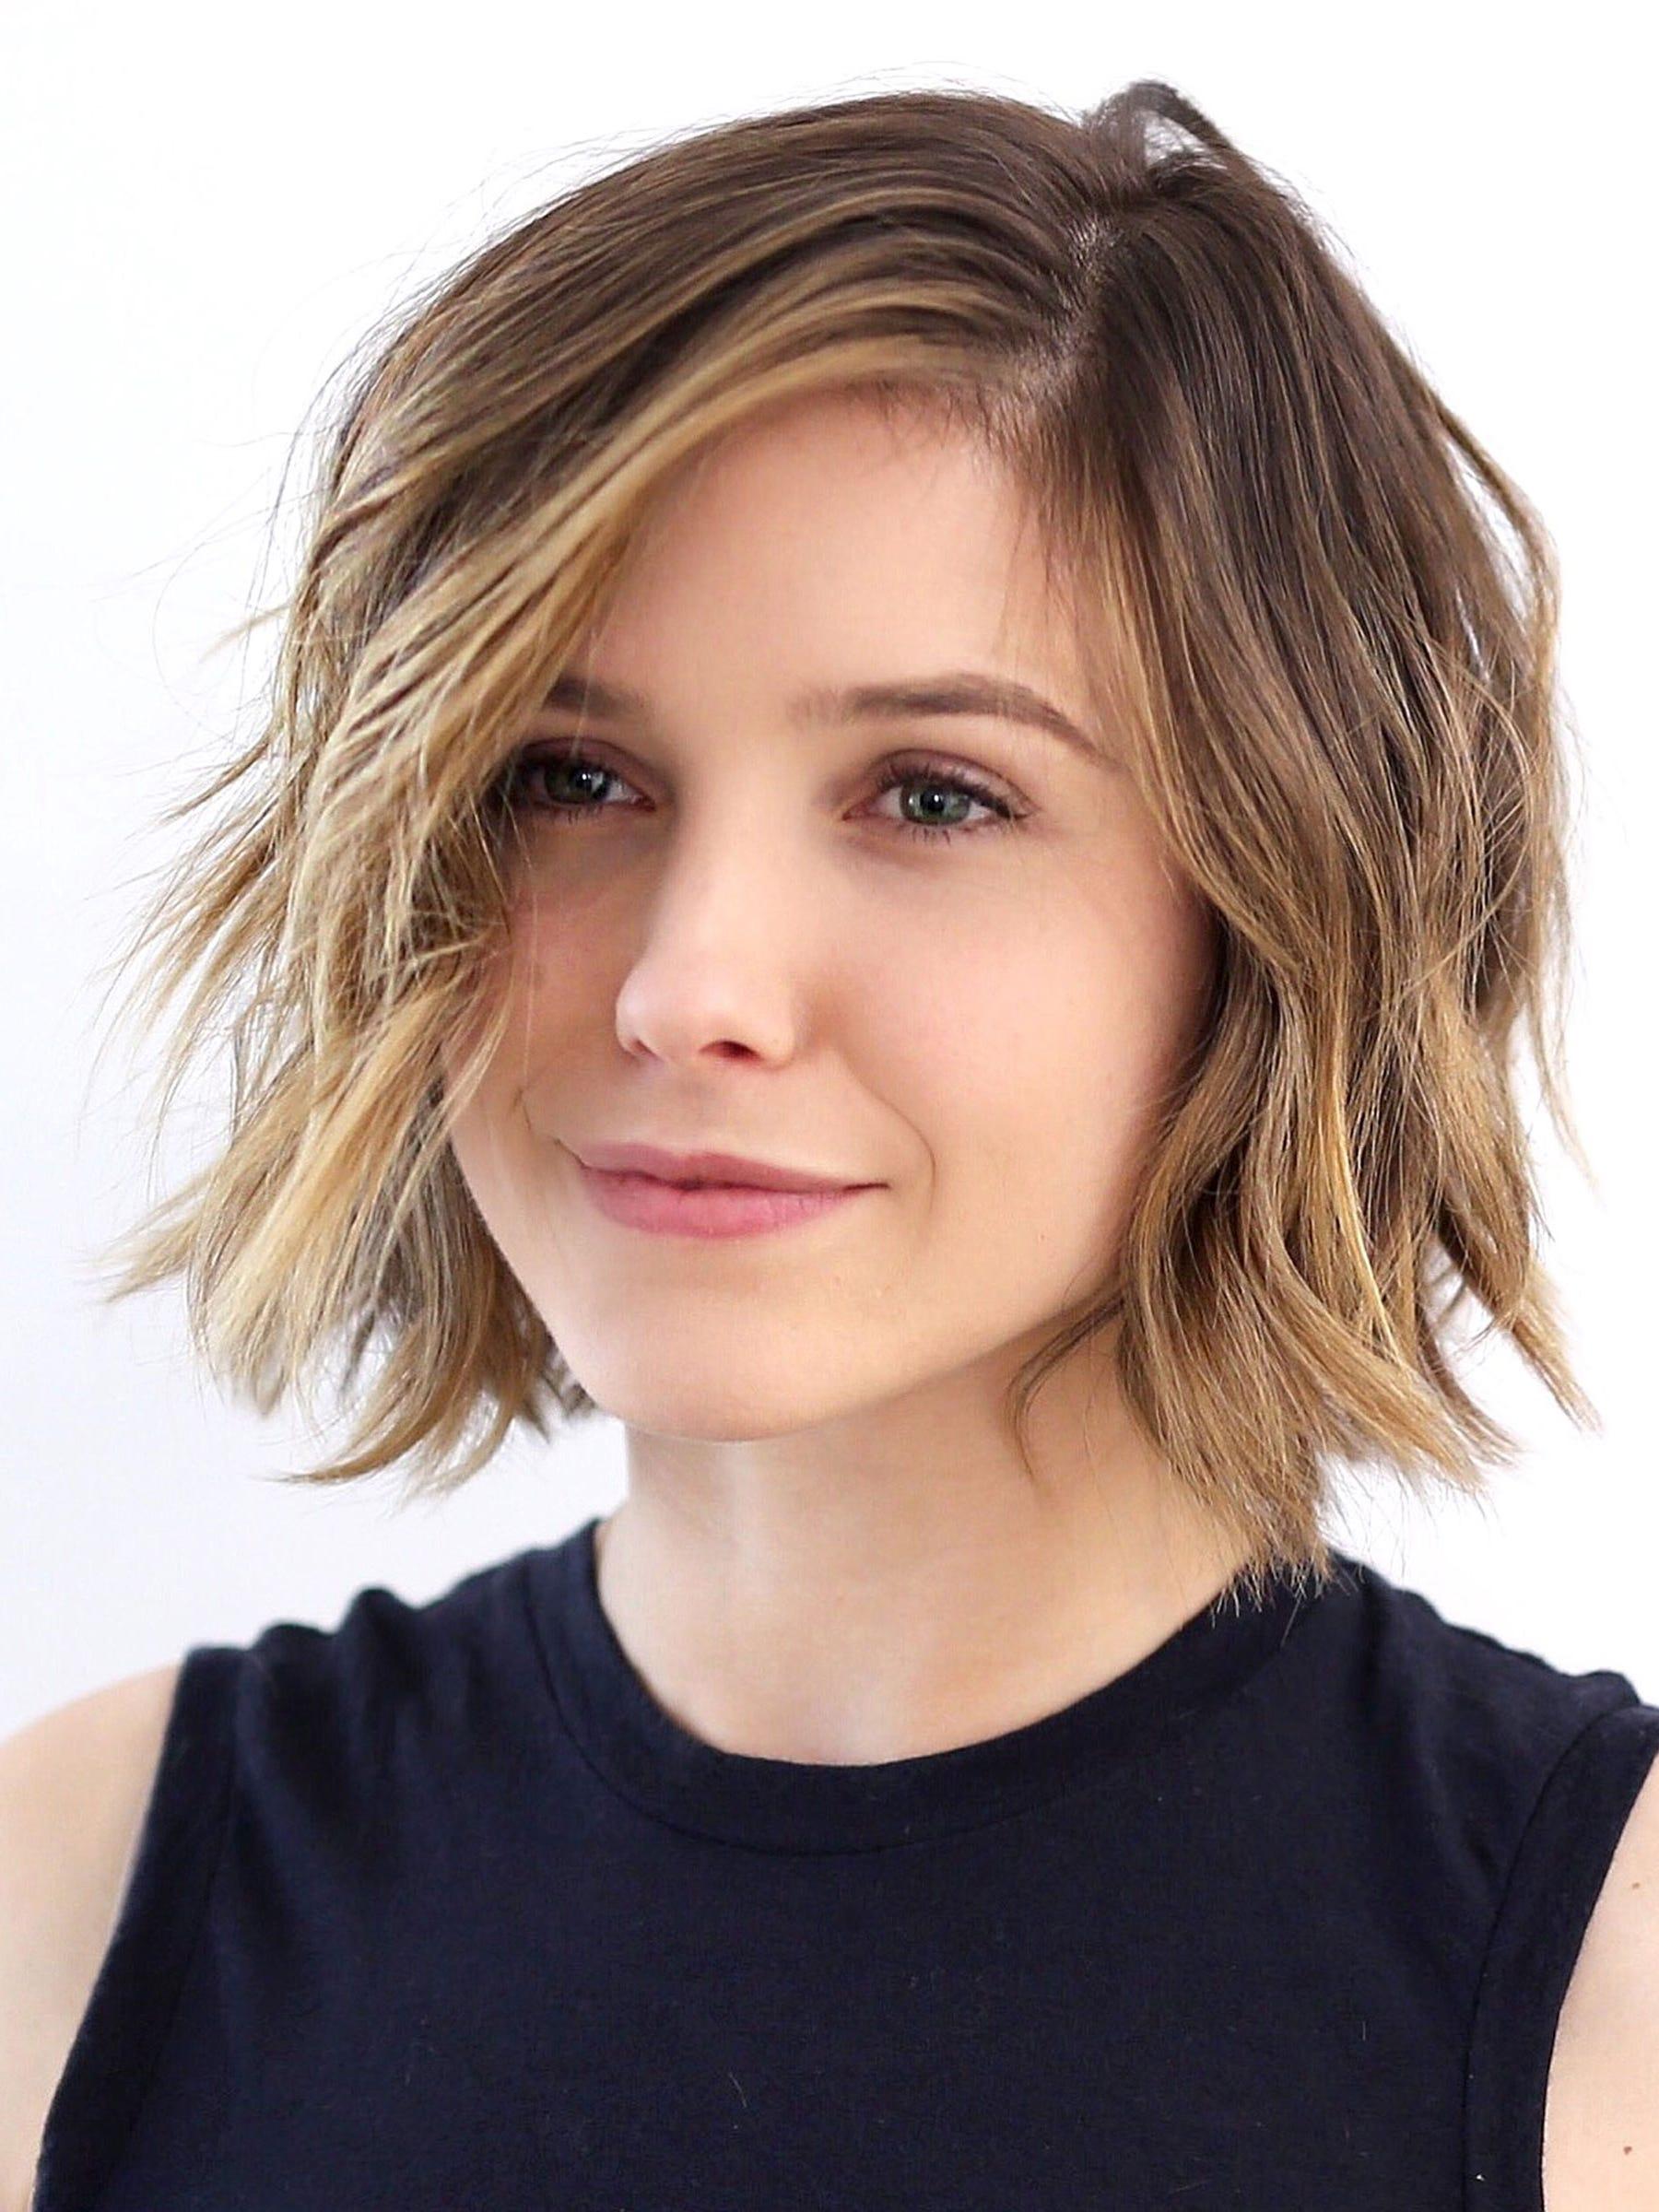 8 Dollar Haircut Haircuts Models Ideas